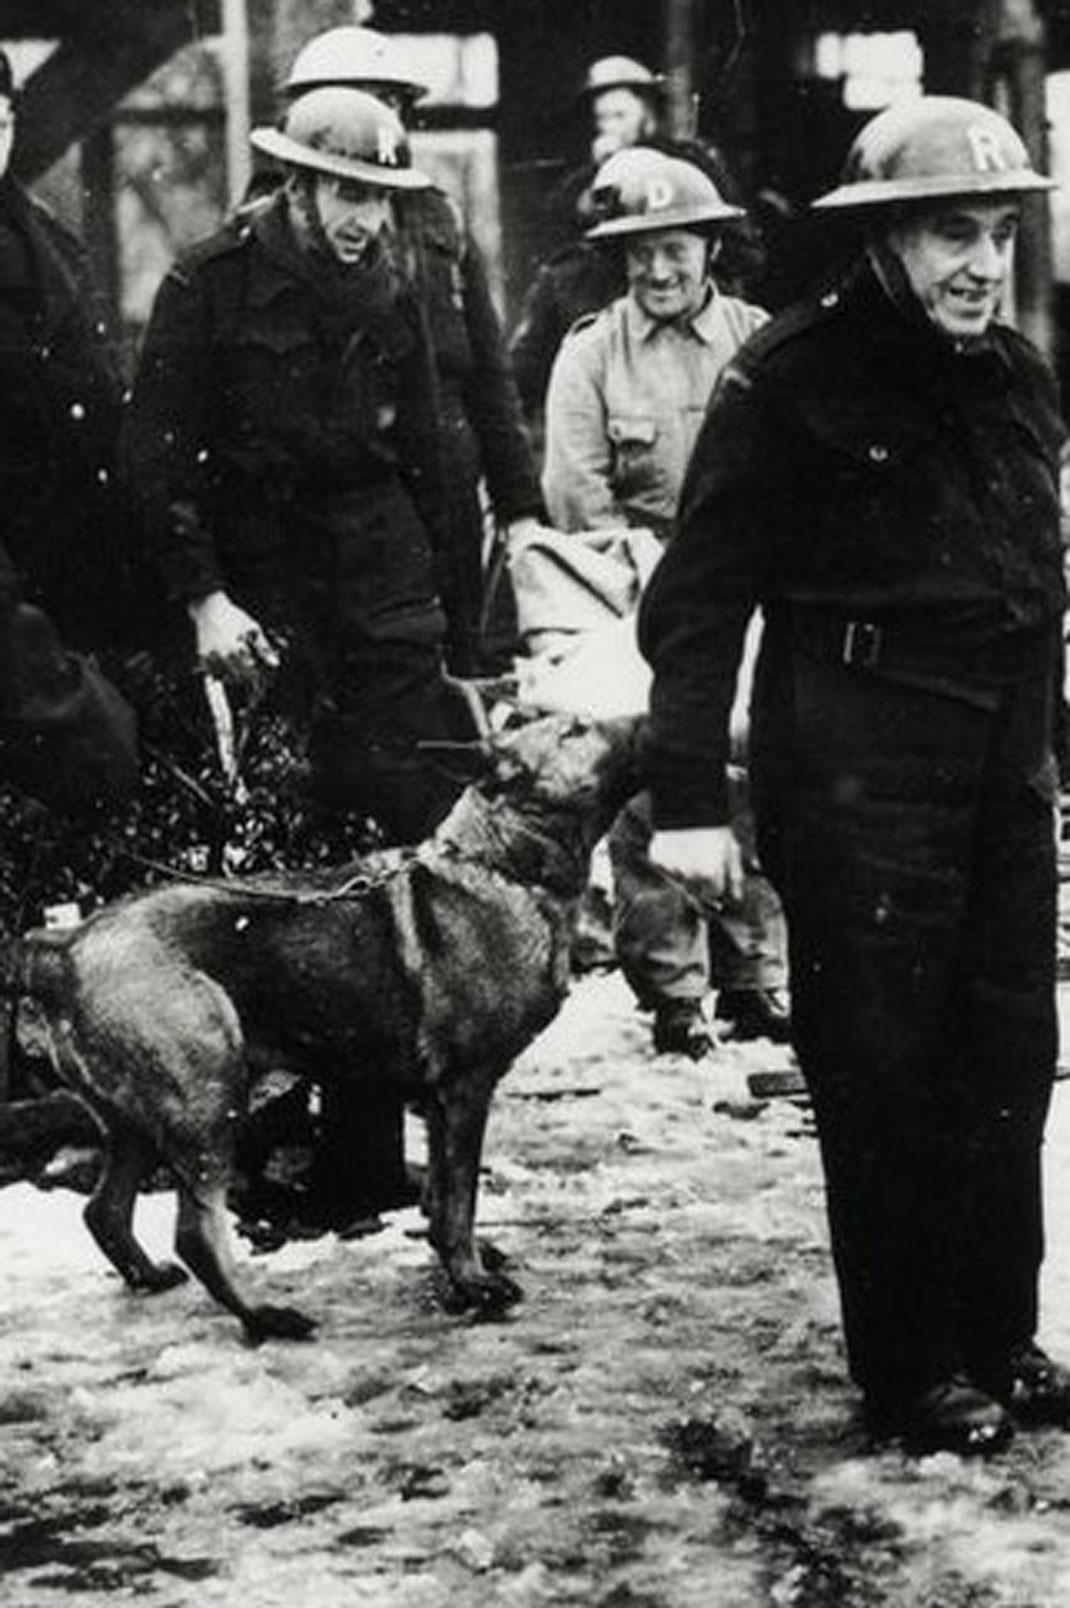 animaux-decores-seconde-guerre-mondiale-2